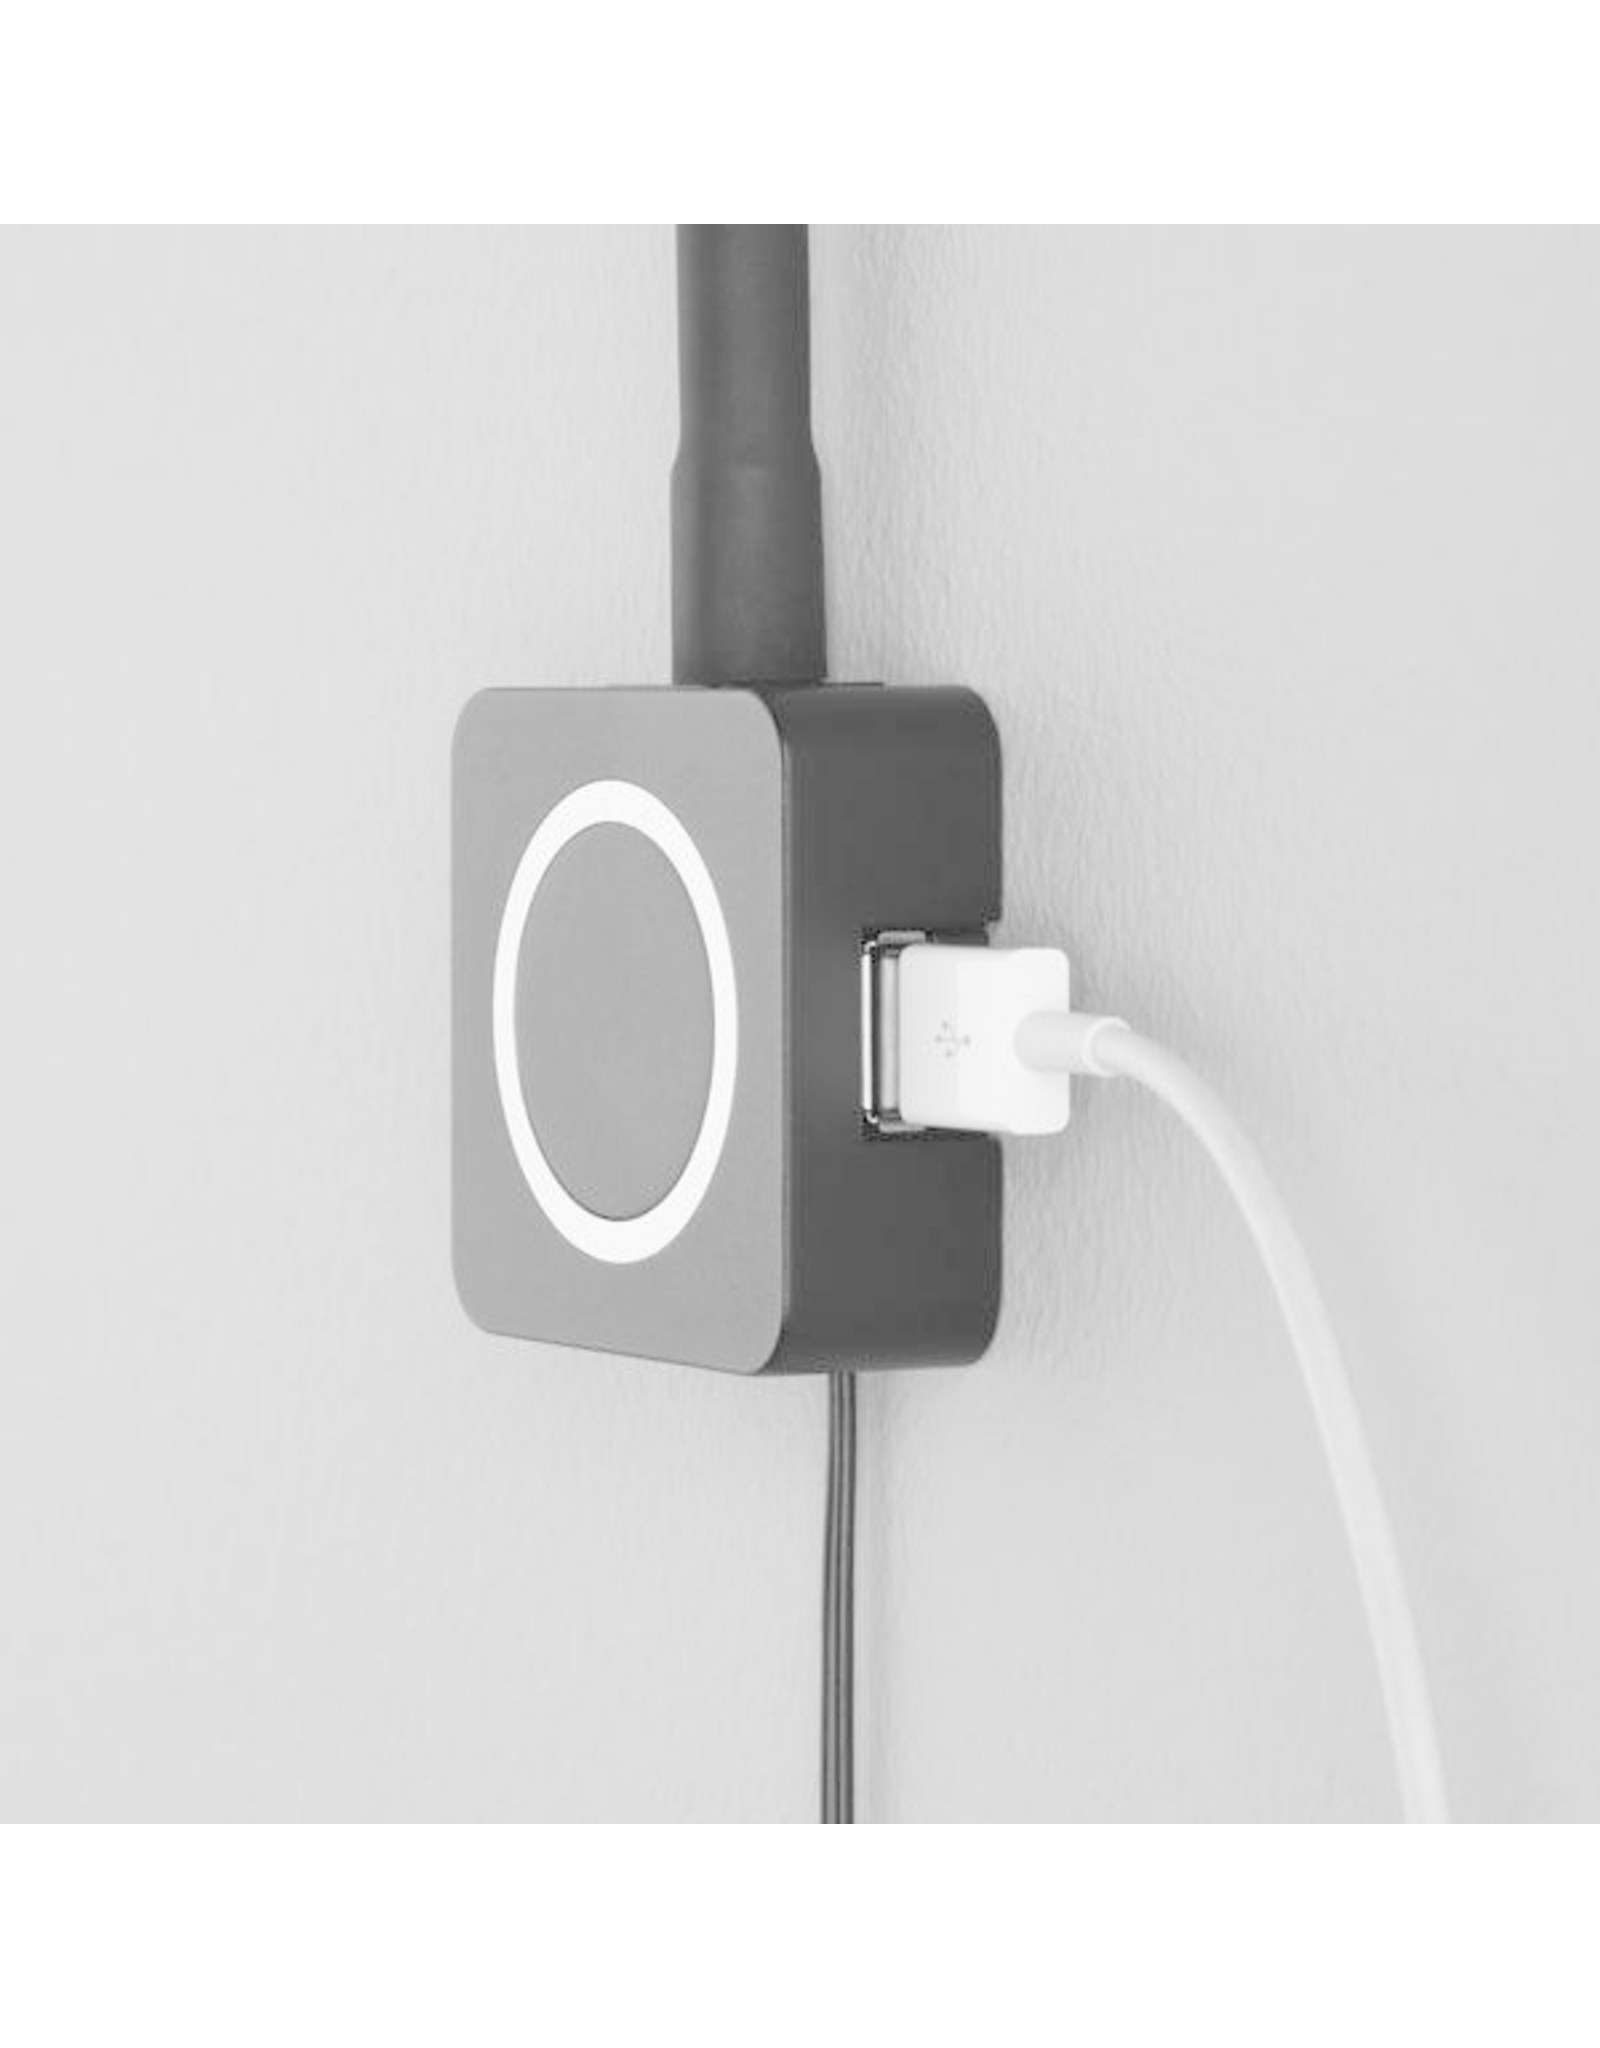 CASTOR USB WALL LAMP